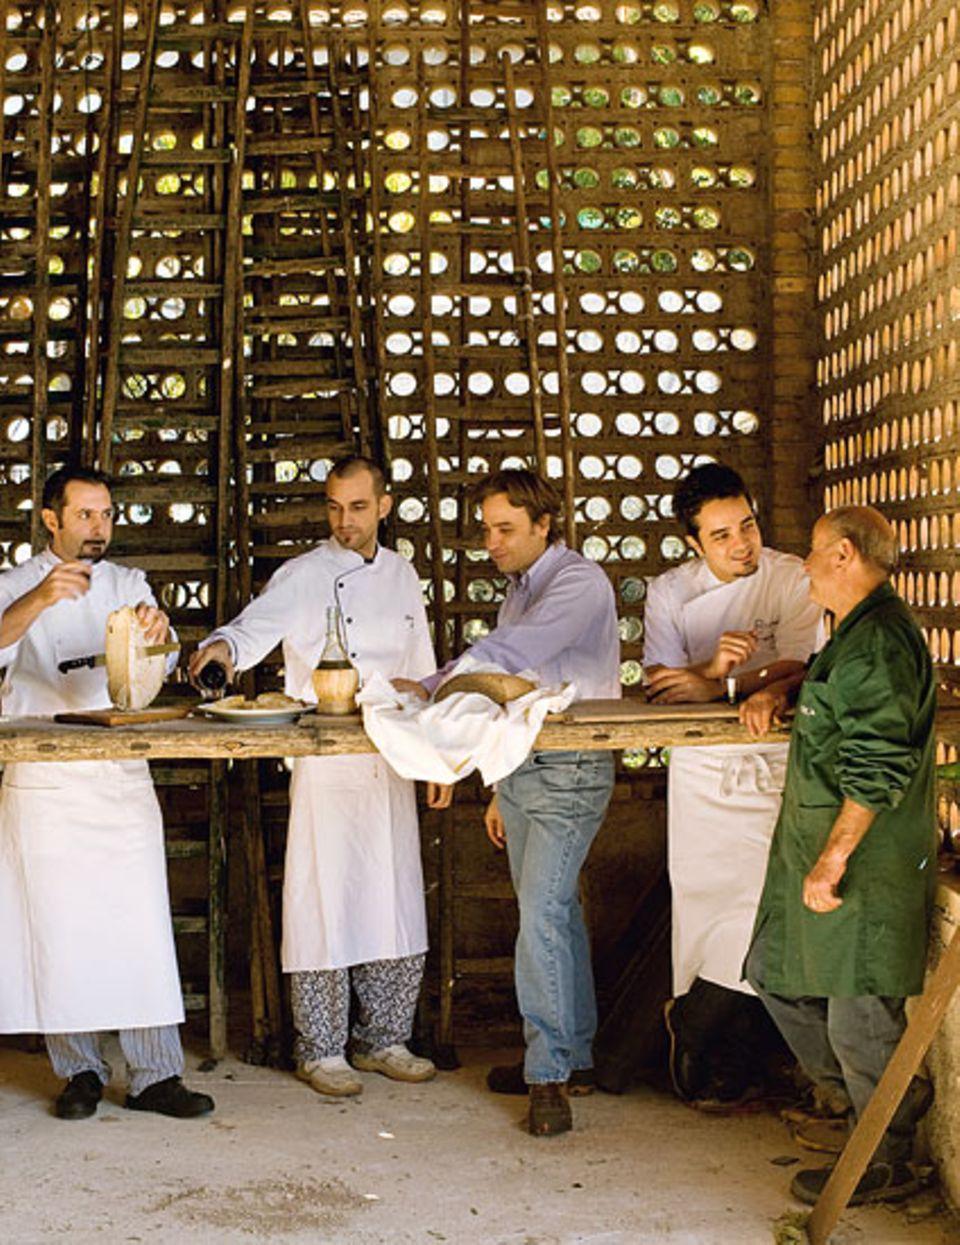 Herzhaftes Herbstvergnügen: Marco Gubbiotti (li.) und sein Team probieren das frisch gepresste Olivenöl von marco Viola (re.)